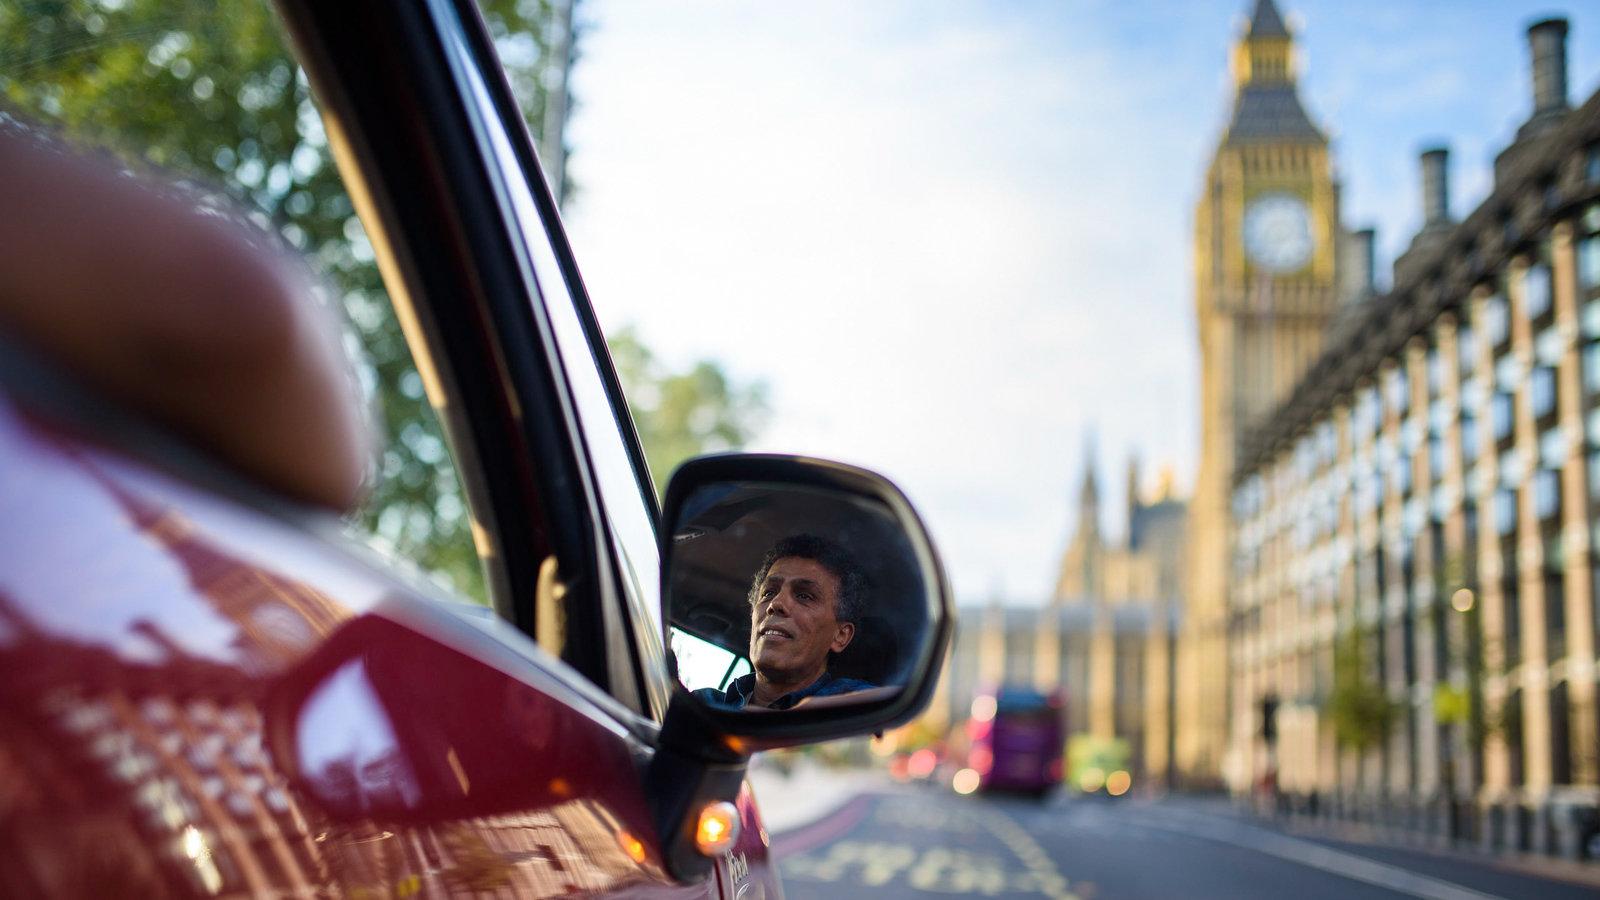 Uber in London